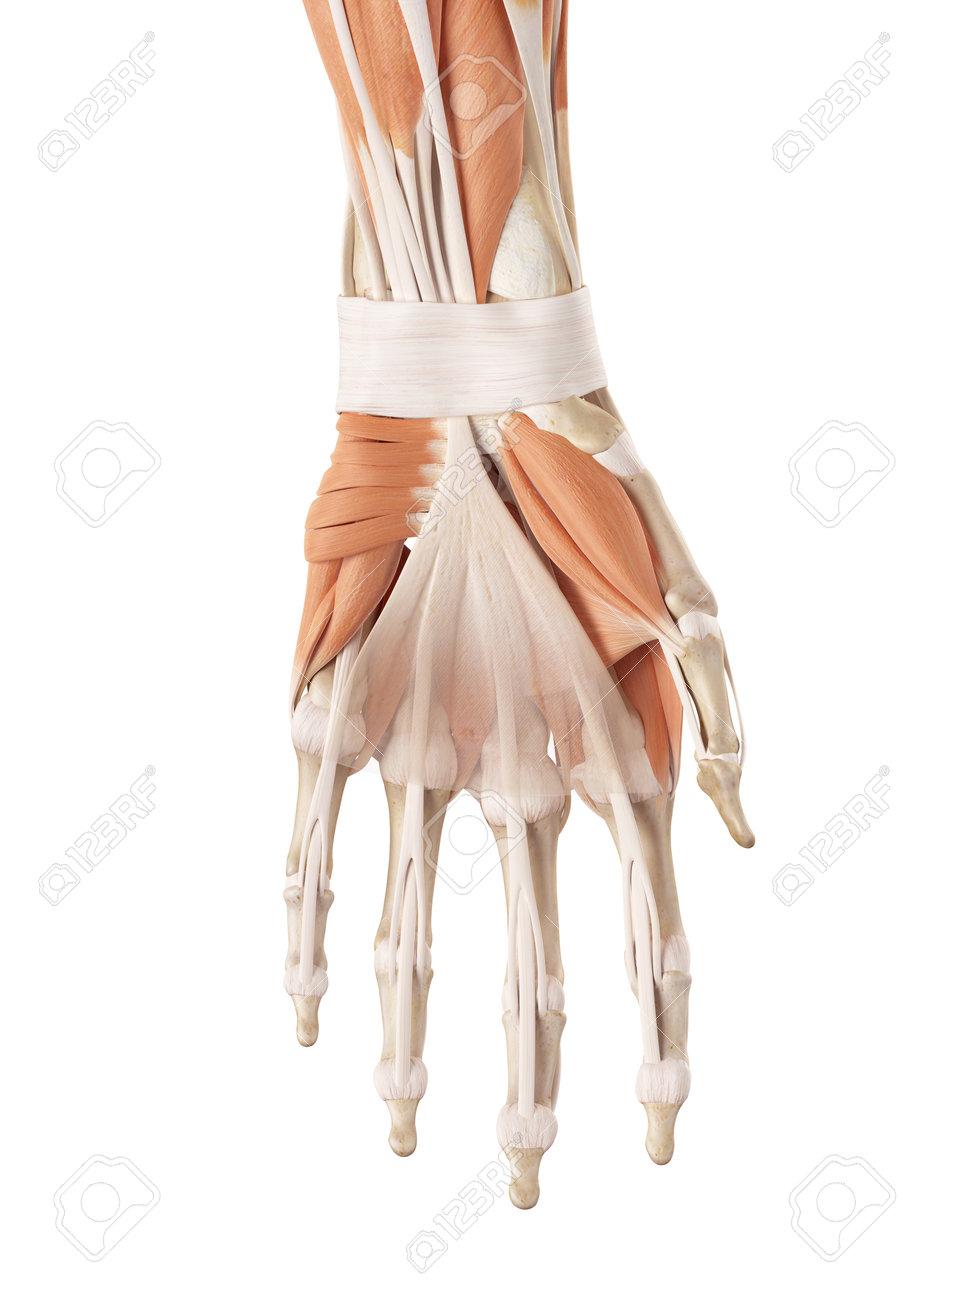 Nett Hand Sehnen Ideen - Anatomie Und Physiologie Knochen Bilder ...